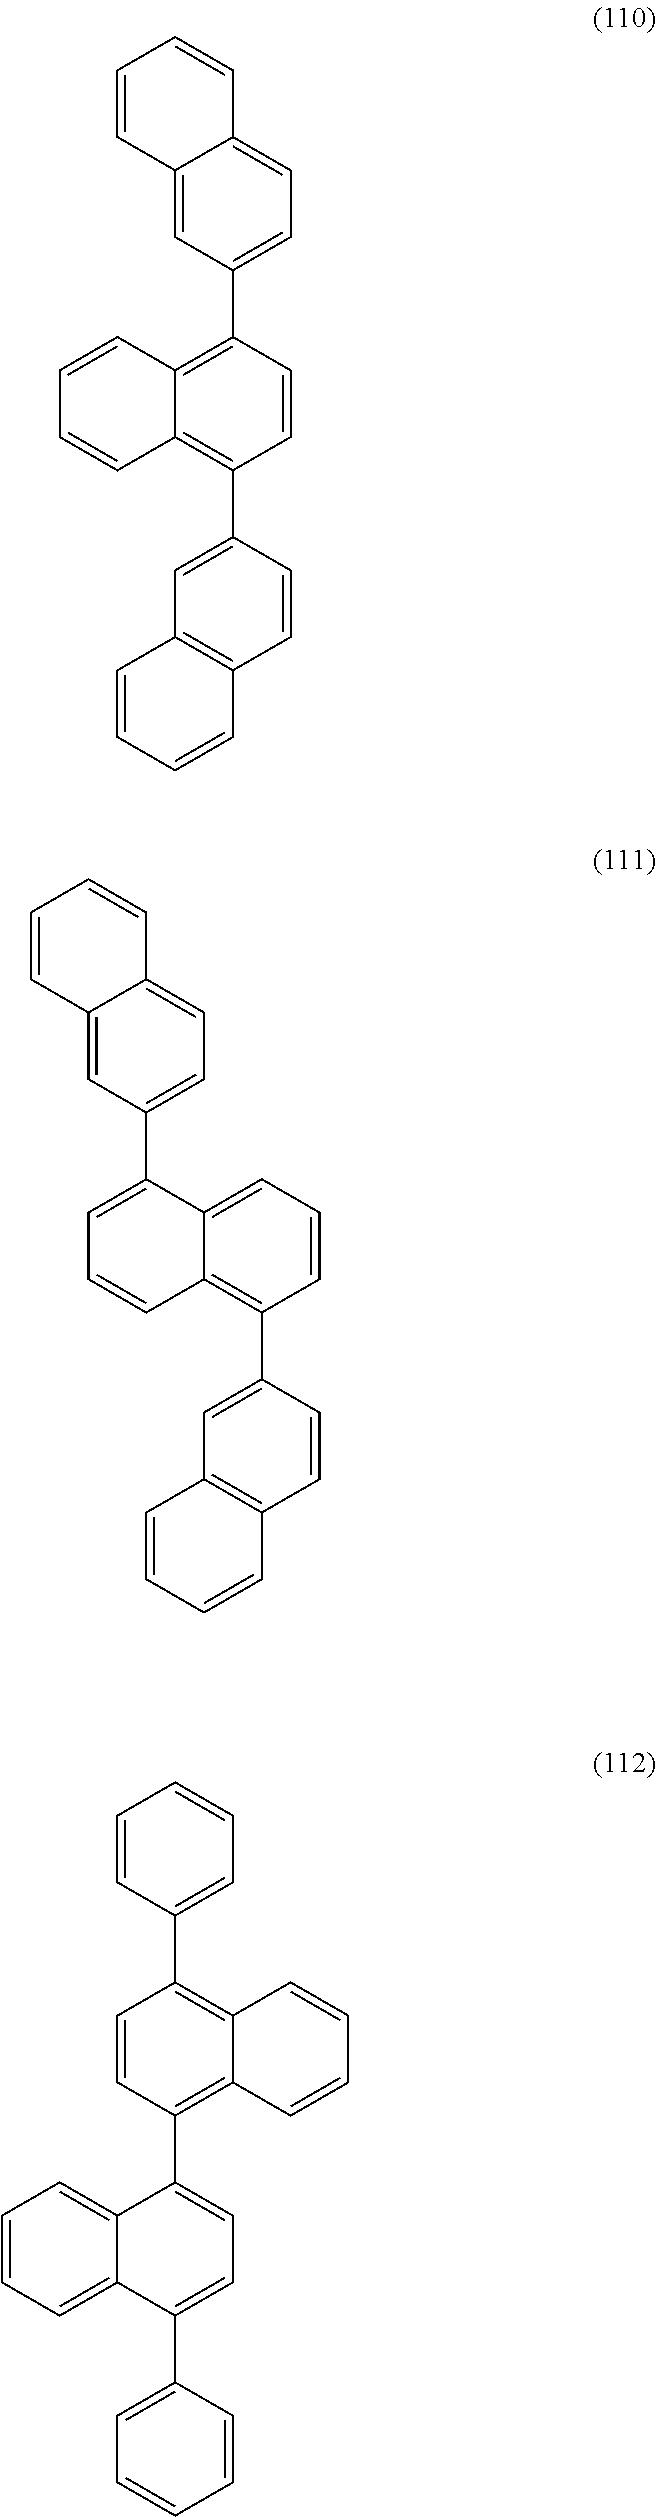 Figure US09385328-20160705-C00020